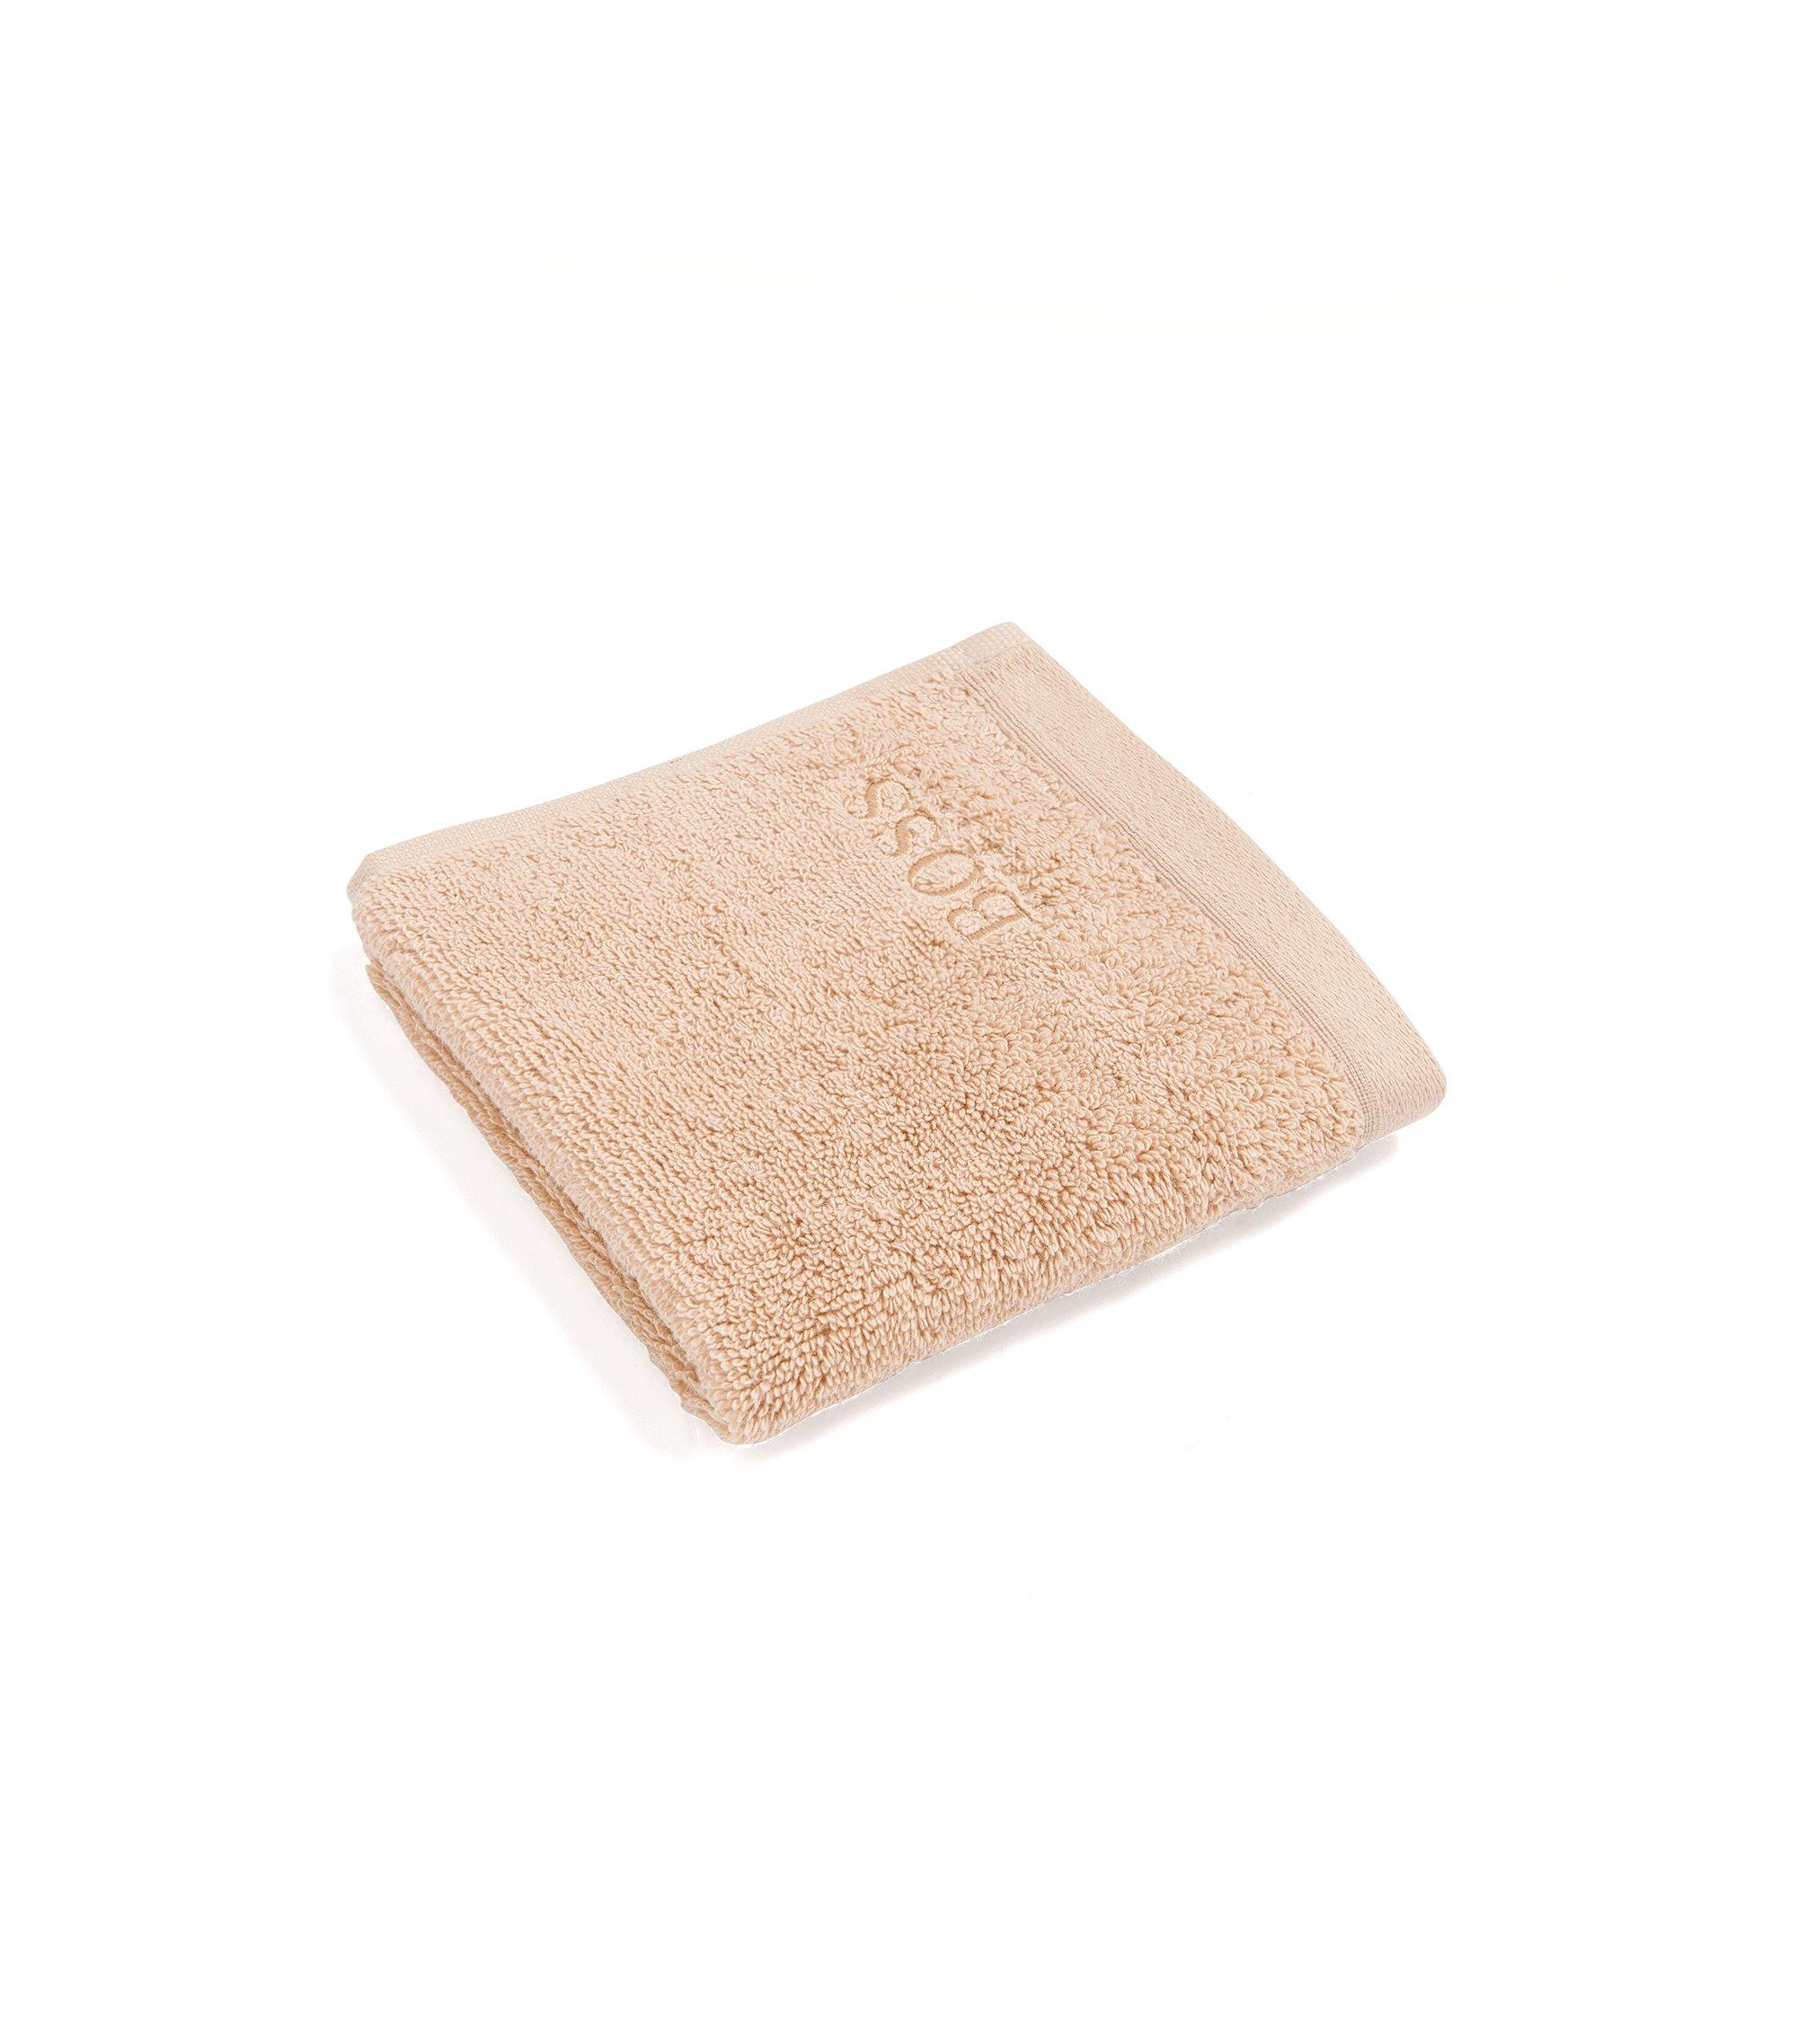 Serviette de toilette pour le visage en coton peigné de la mer Égée, Beige